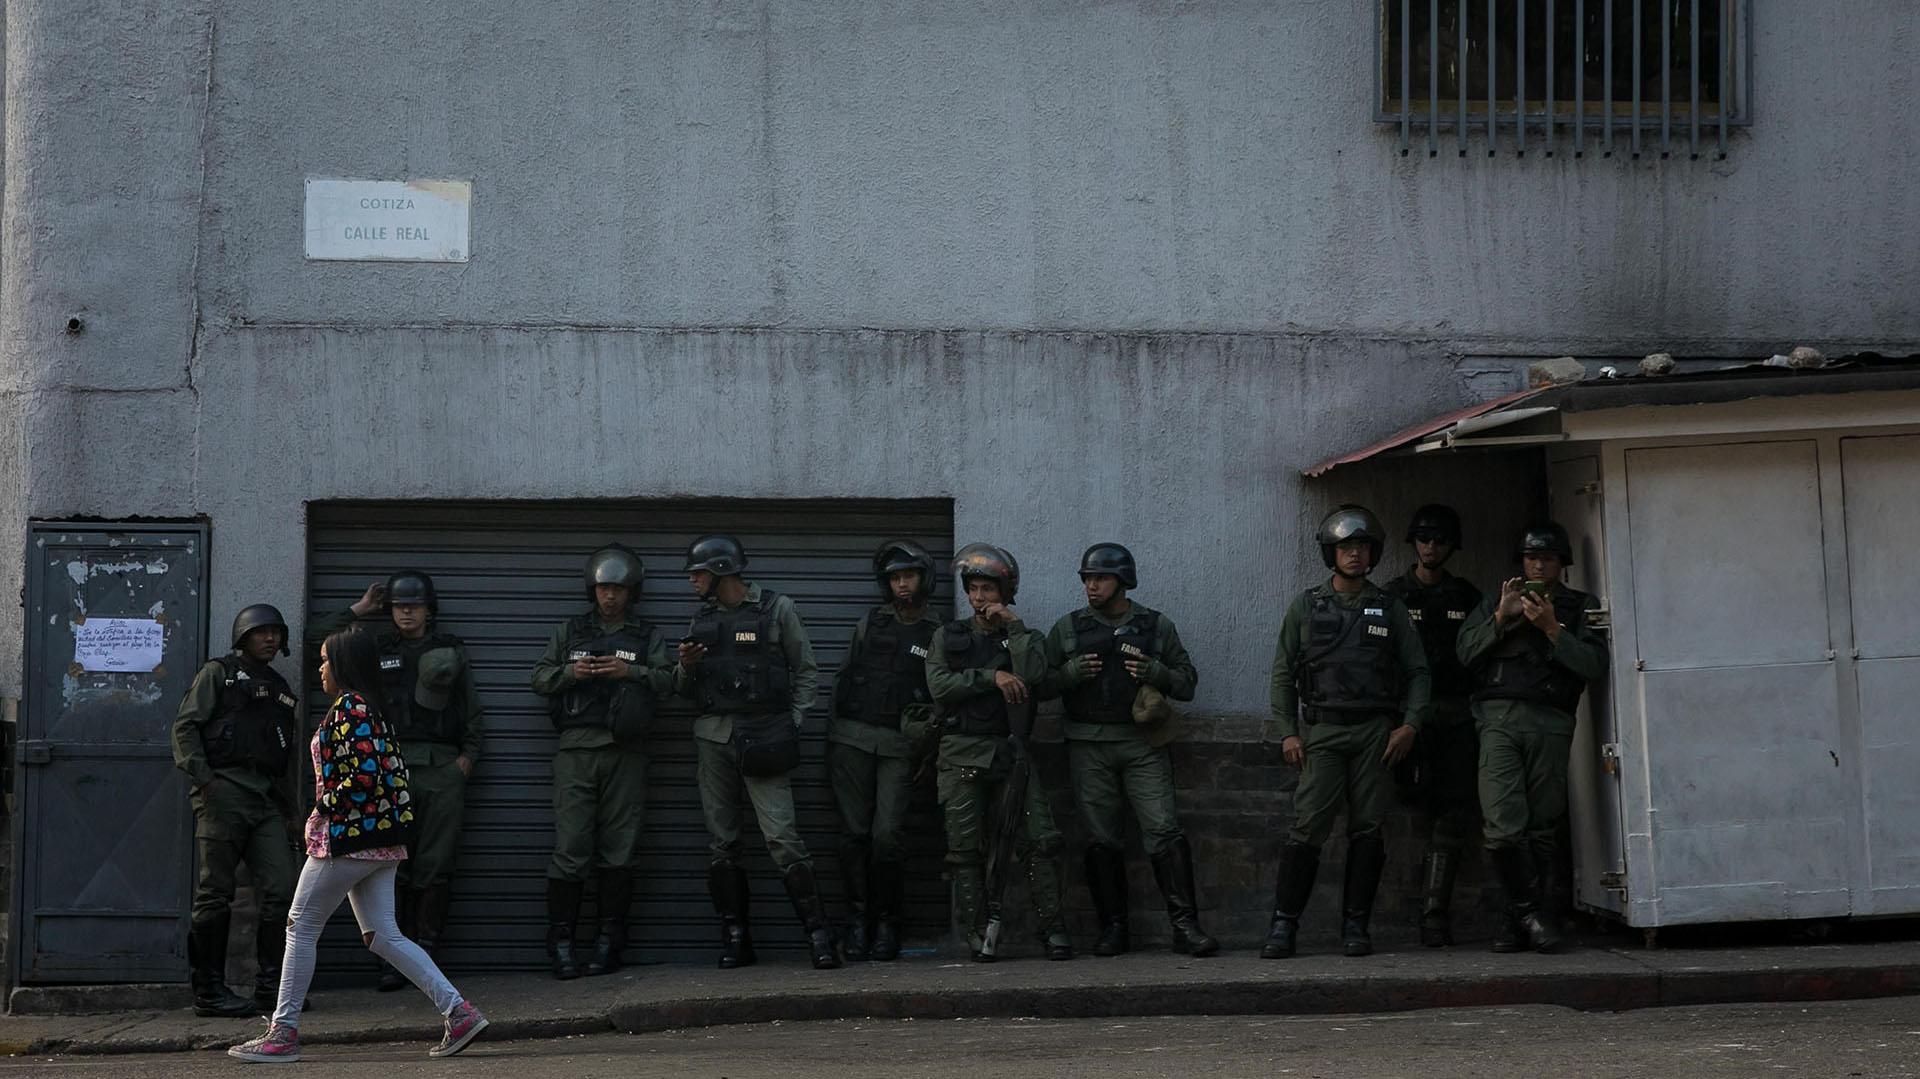 Miembros de la Guardia Nacional Bolivariana (GNB) aguardan en una pared mientras un grupo de personas se manifiestan en una calle